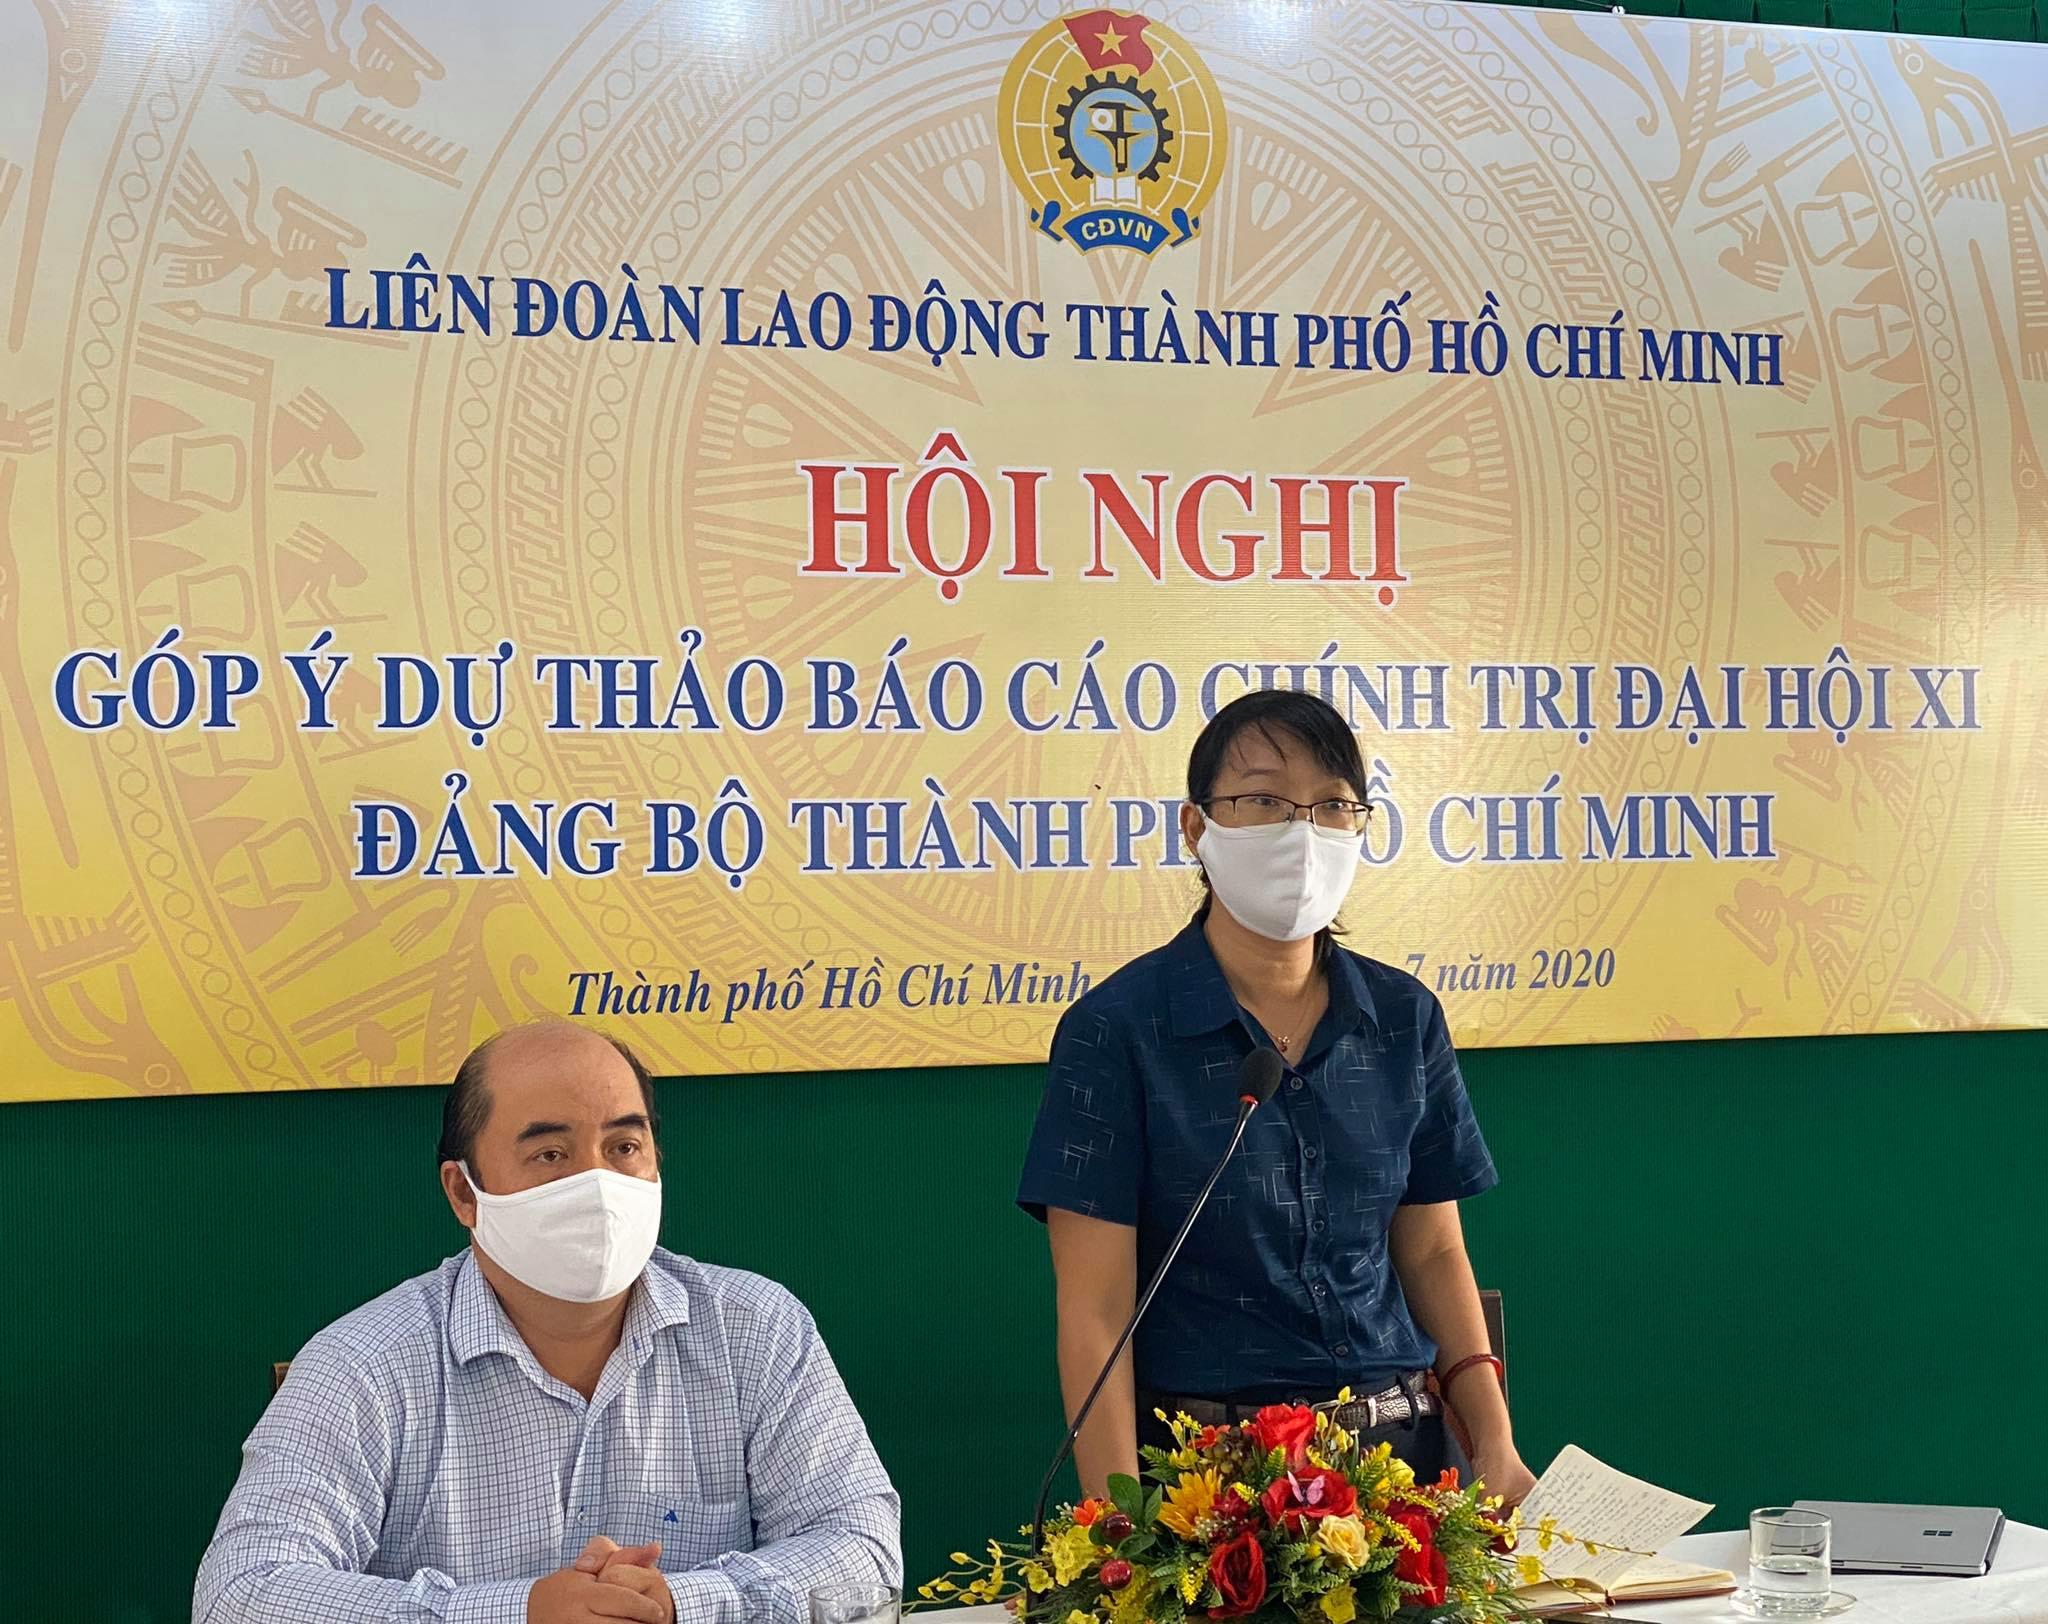 Cán bộ Công đoàn đóng góp vào văn kiện Đại hội Đảng bộ TP Hồ Chí Minh